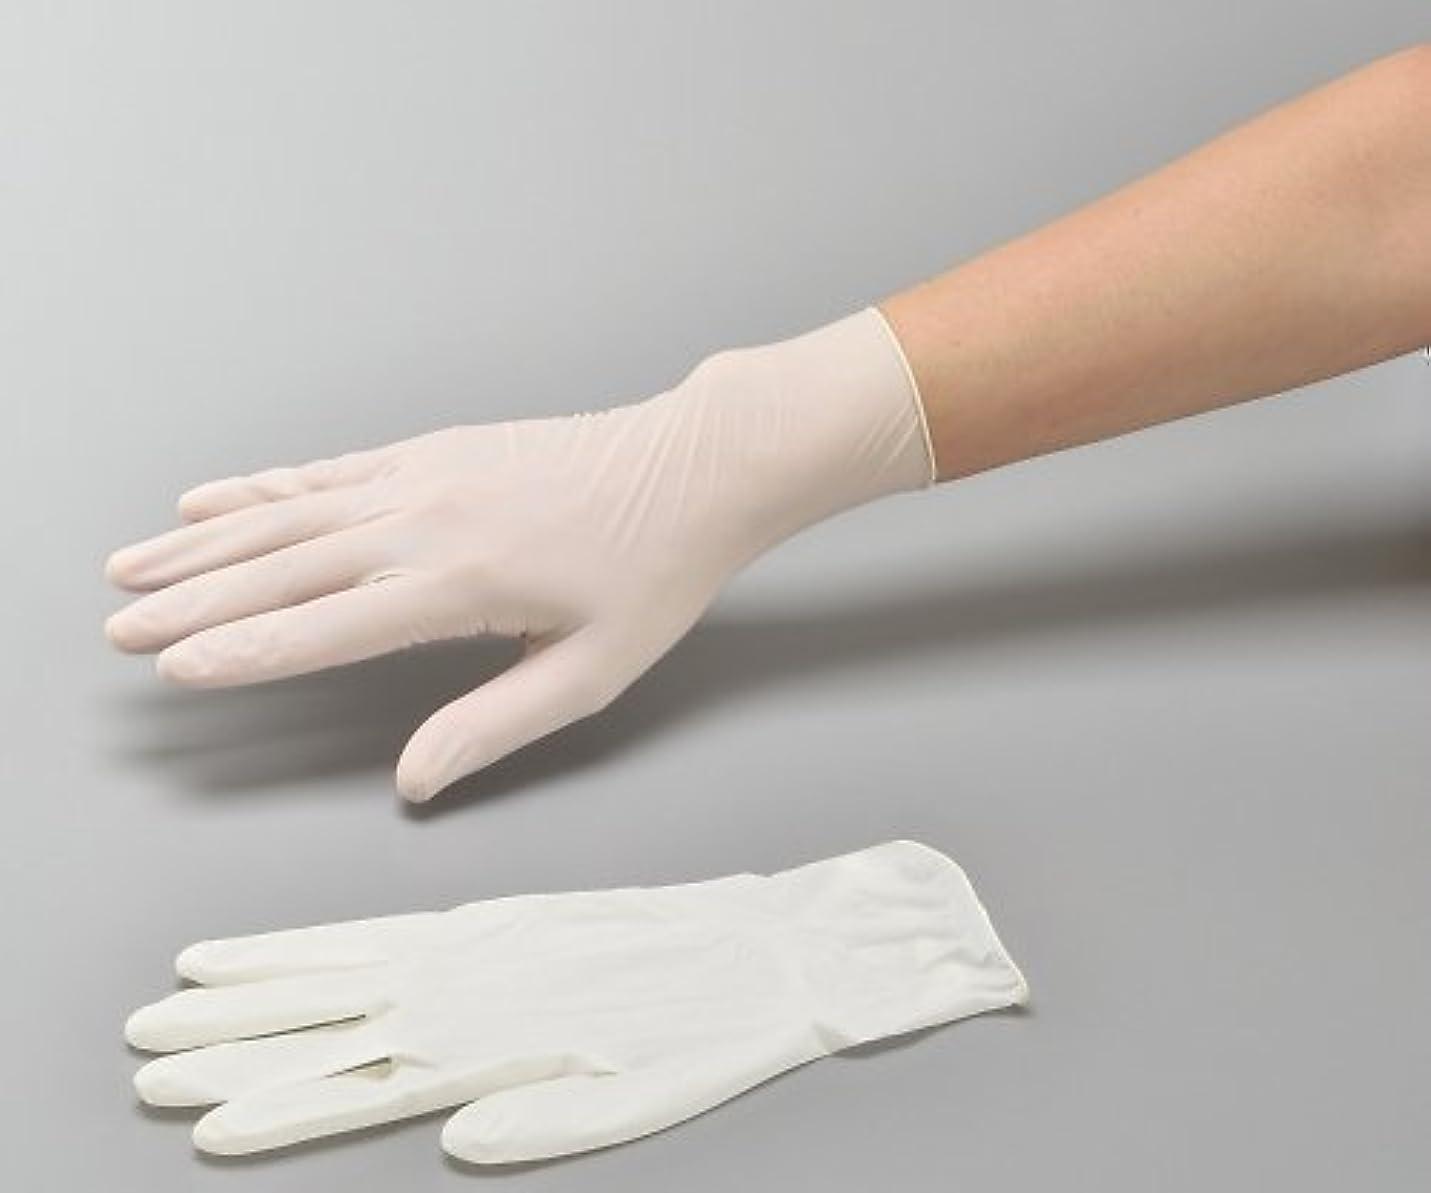 調子言及するファンドナビス(アズワン)8-9970-02ナビロール手袋(指先エンボス?エコノミータイプ?パウダー付)M1箱(100枚入)